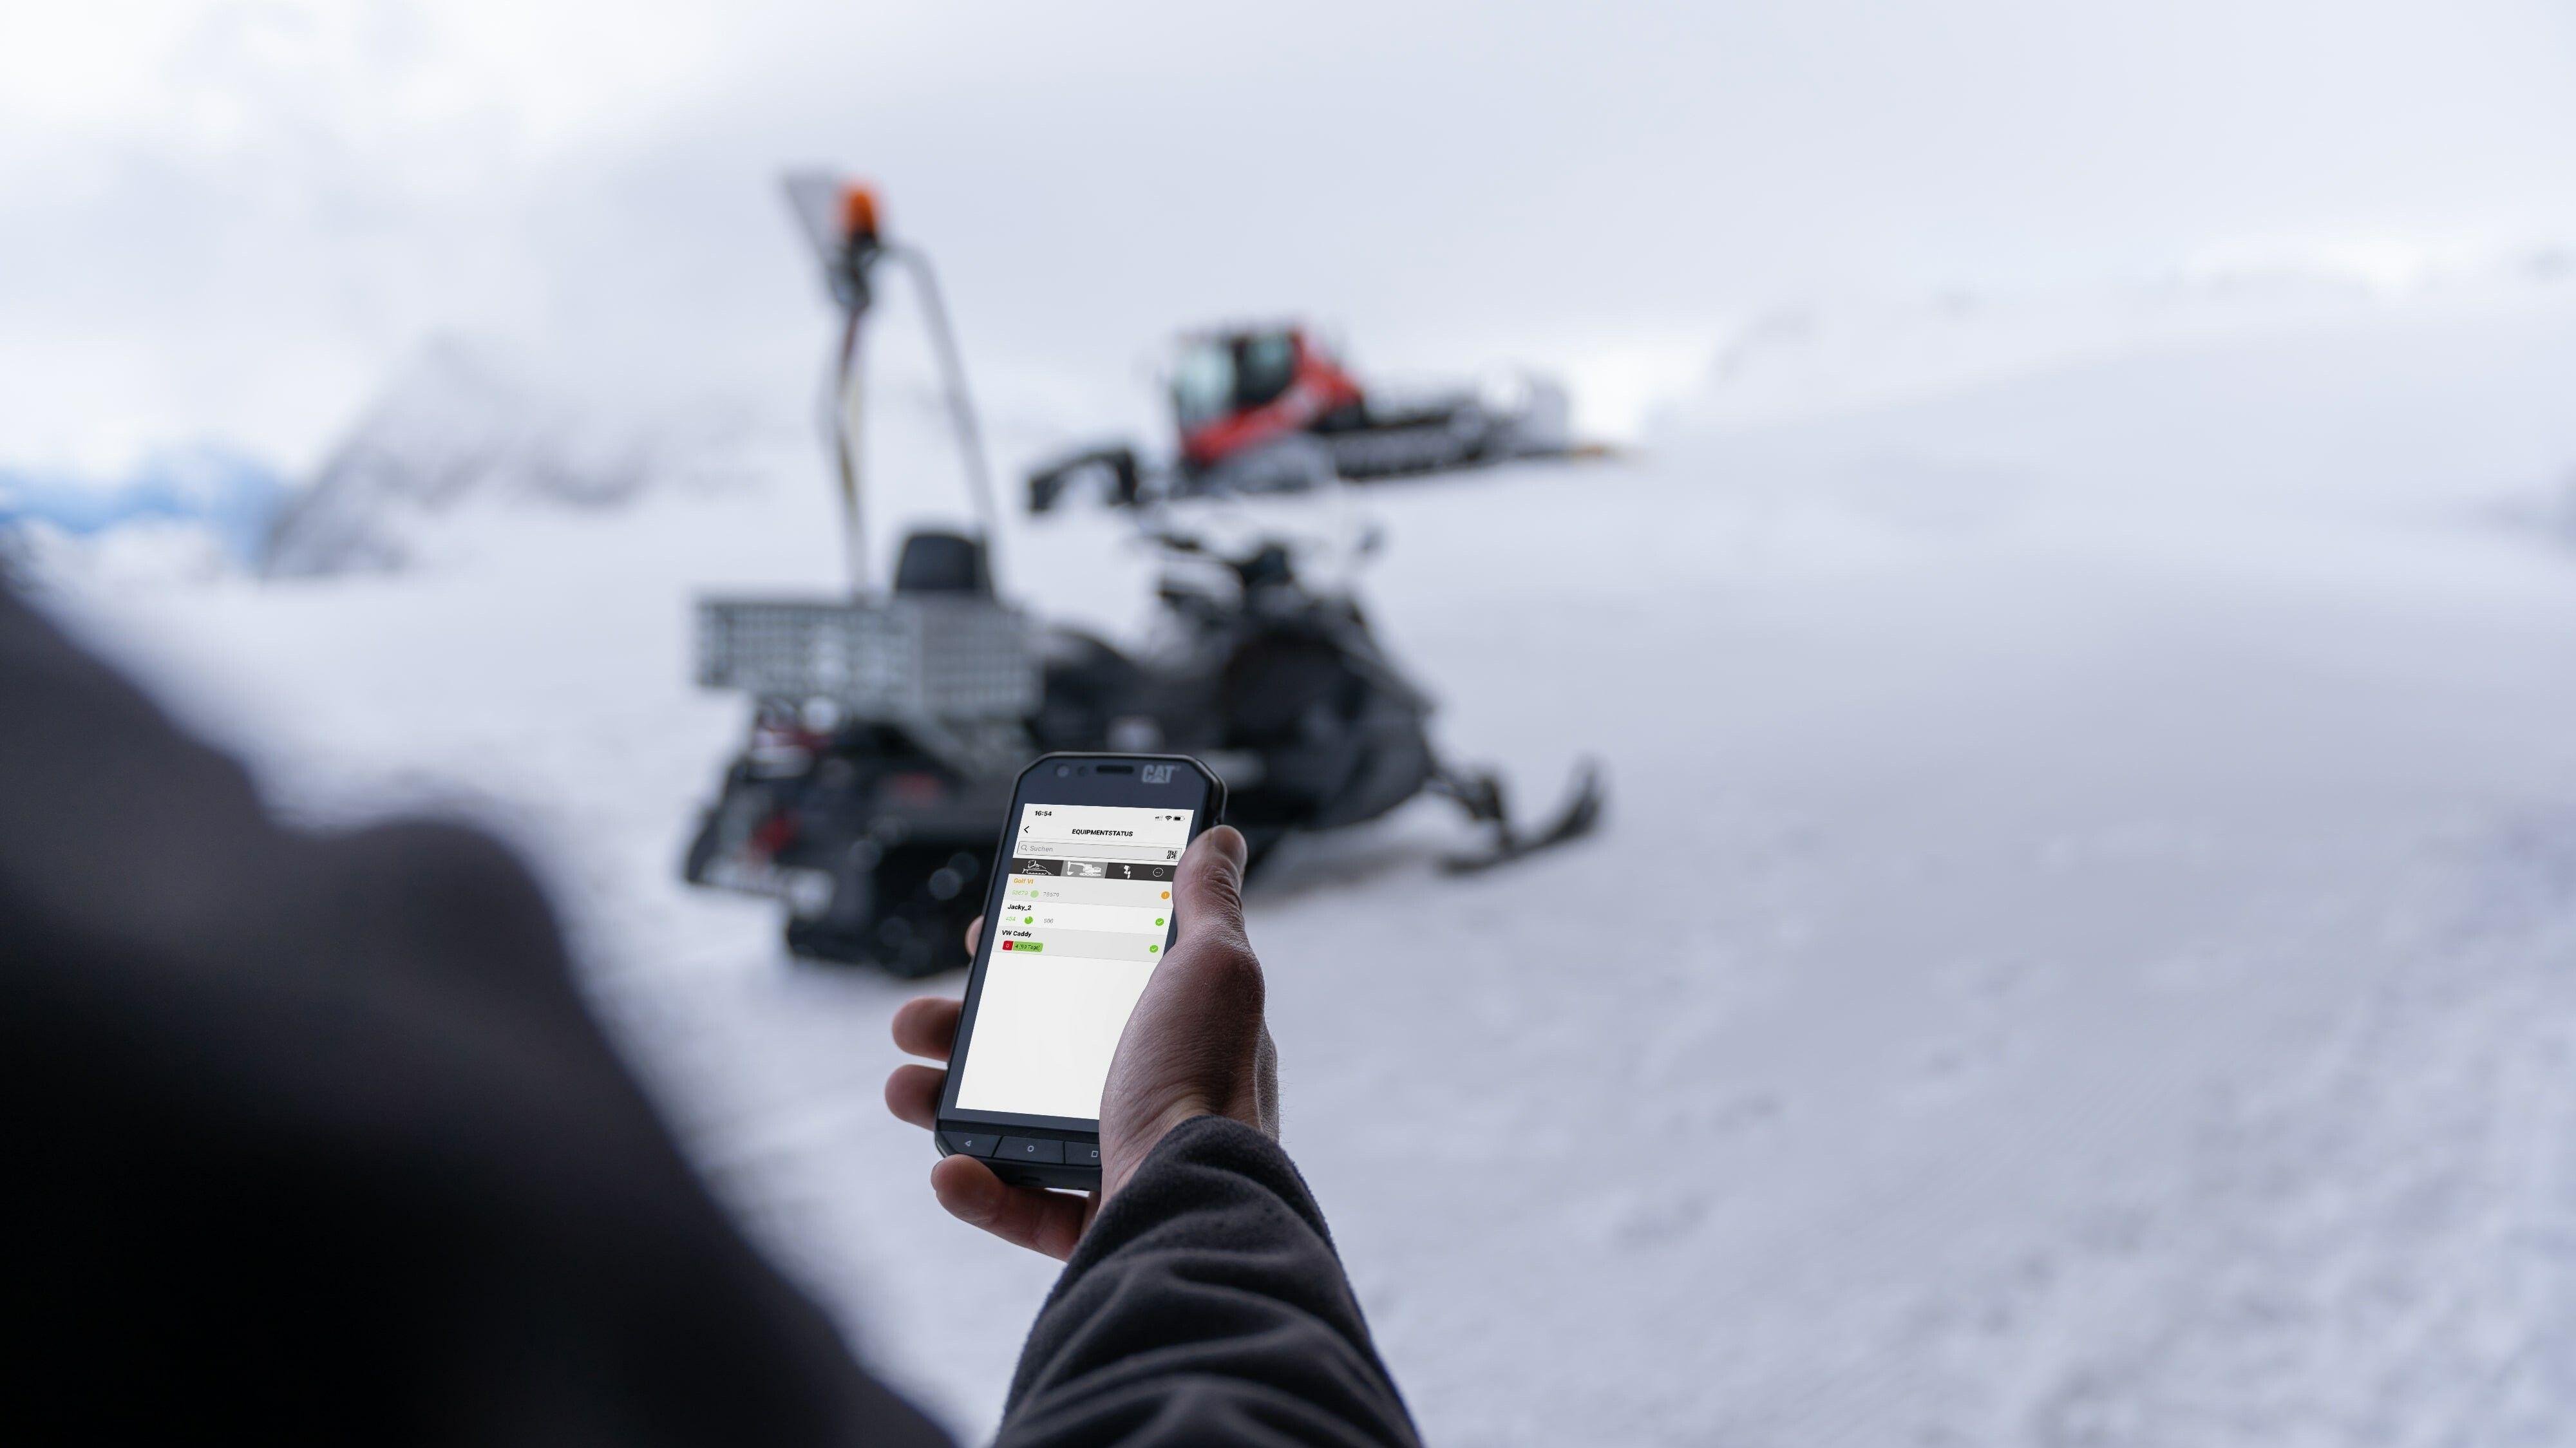 Hand mit Smartphone und SNOWsat App, im Hintergrund Skidoo und PistenBully